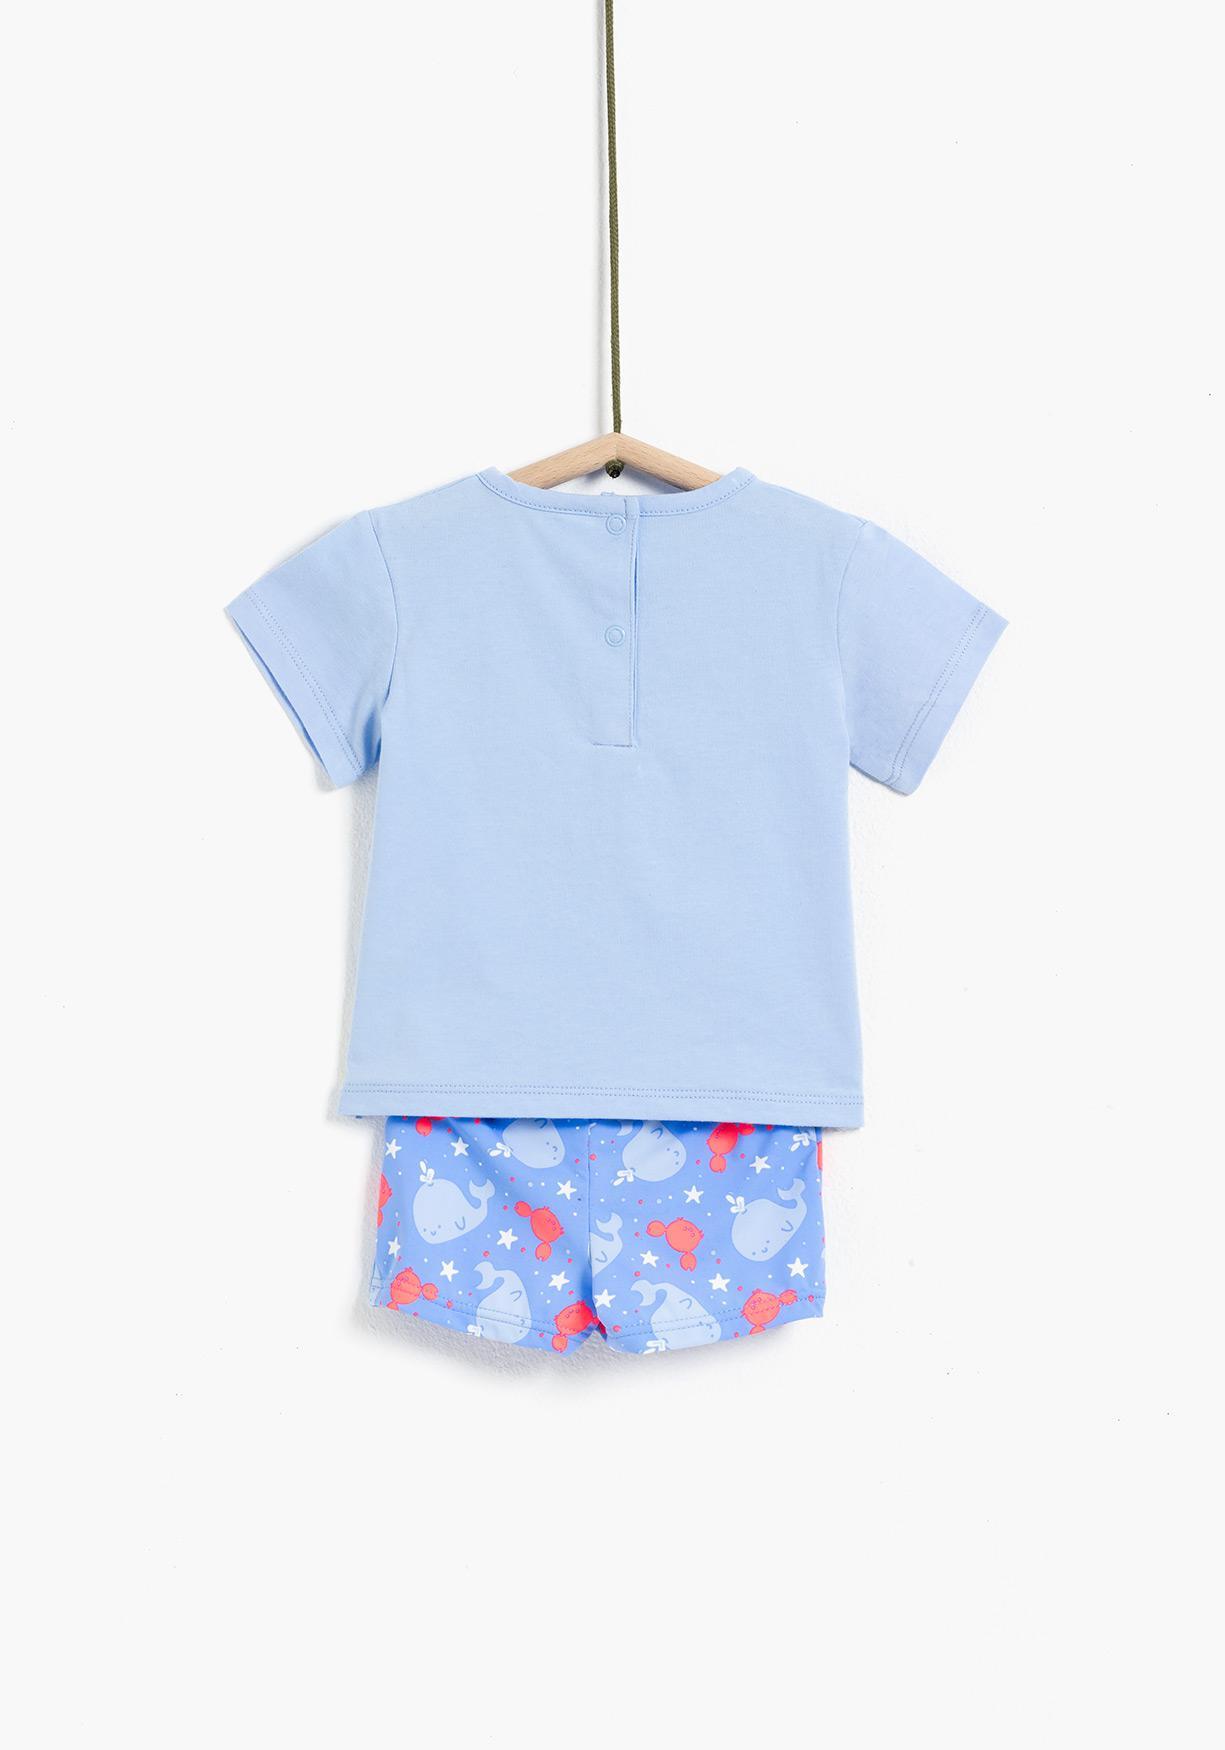 deb365fd7e3f Comprar Conjunto de camiseta y bañador bóxer TEX. ¡Aprovéchate de ...